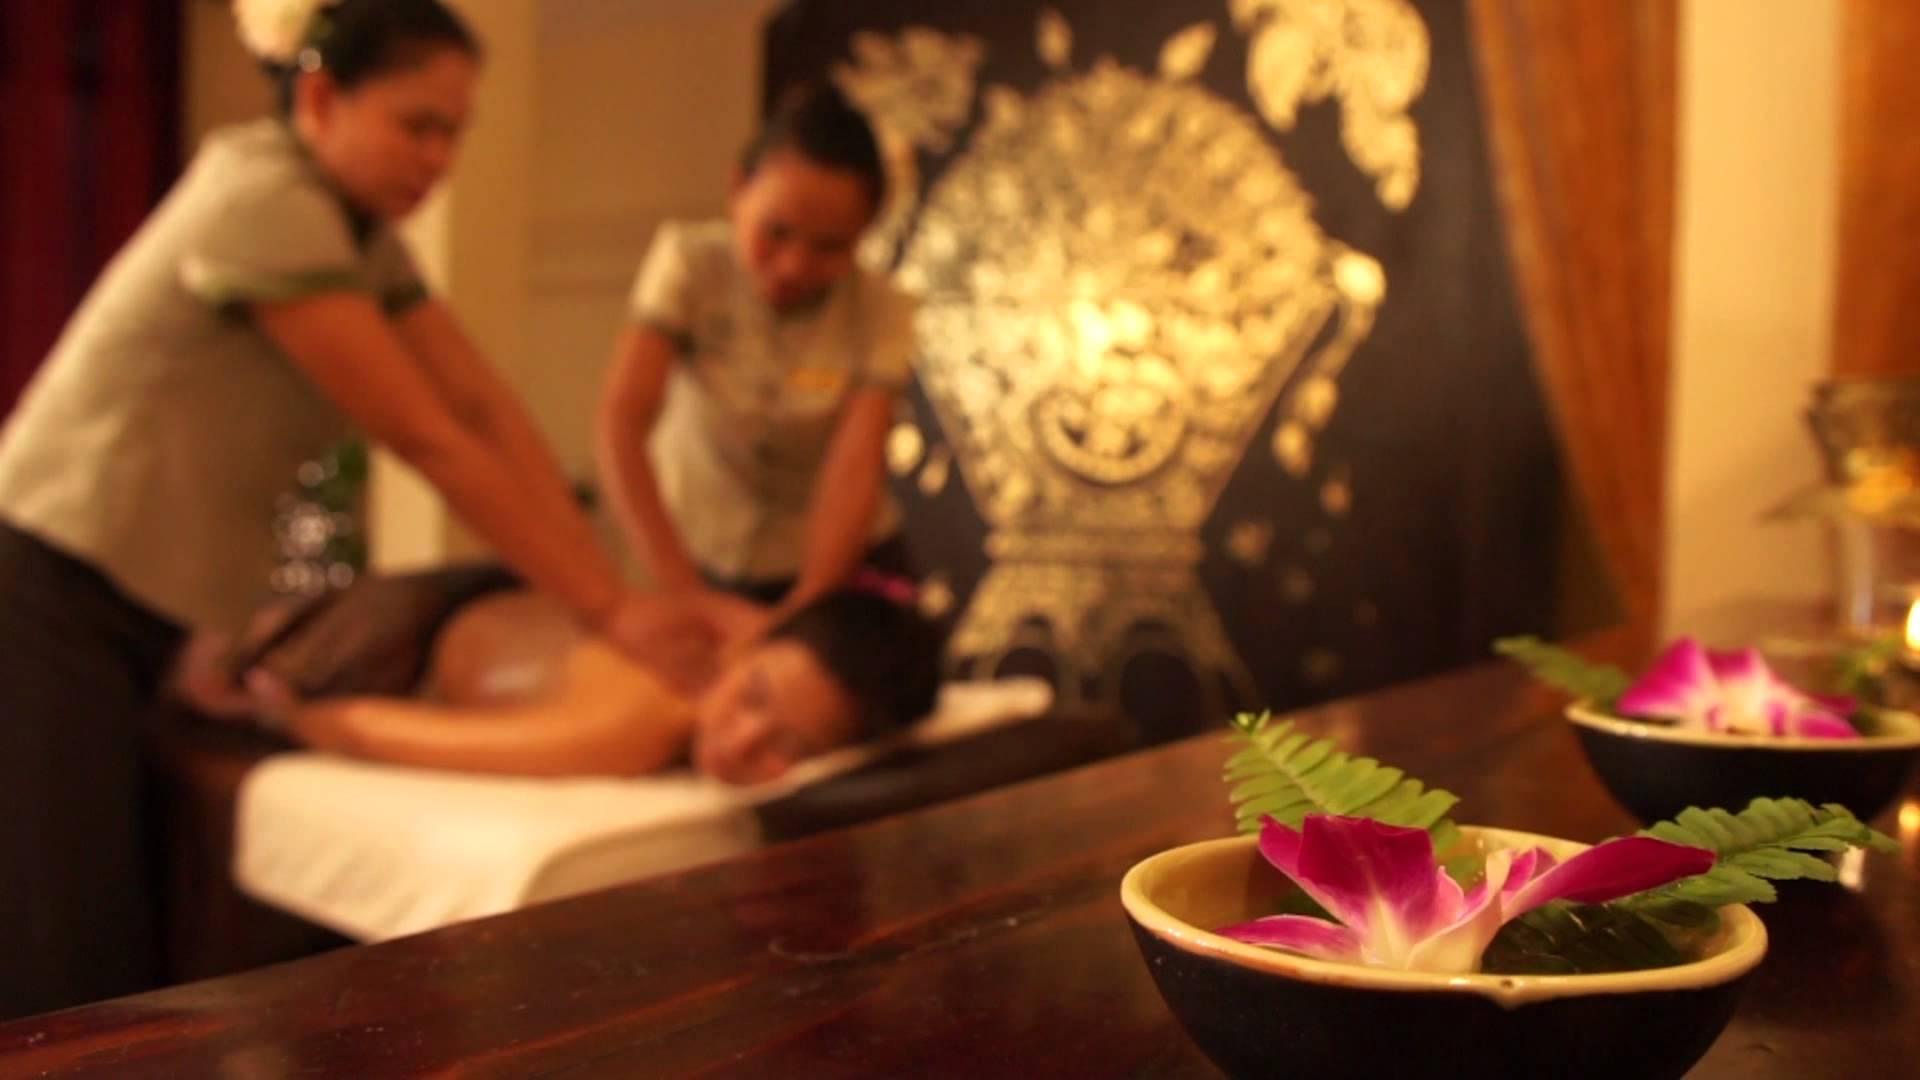 Trải Nghiệm Những Tiệm Spa Và Massage Chất Nhất Bangkok 1